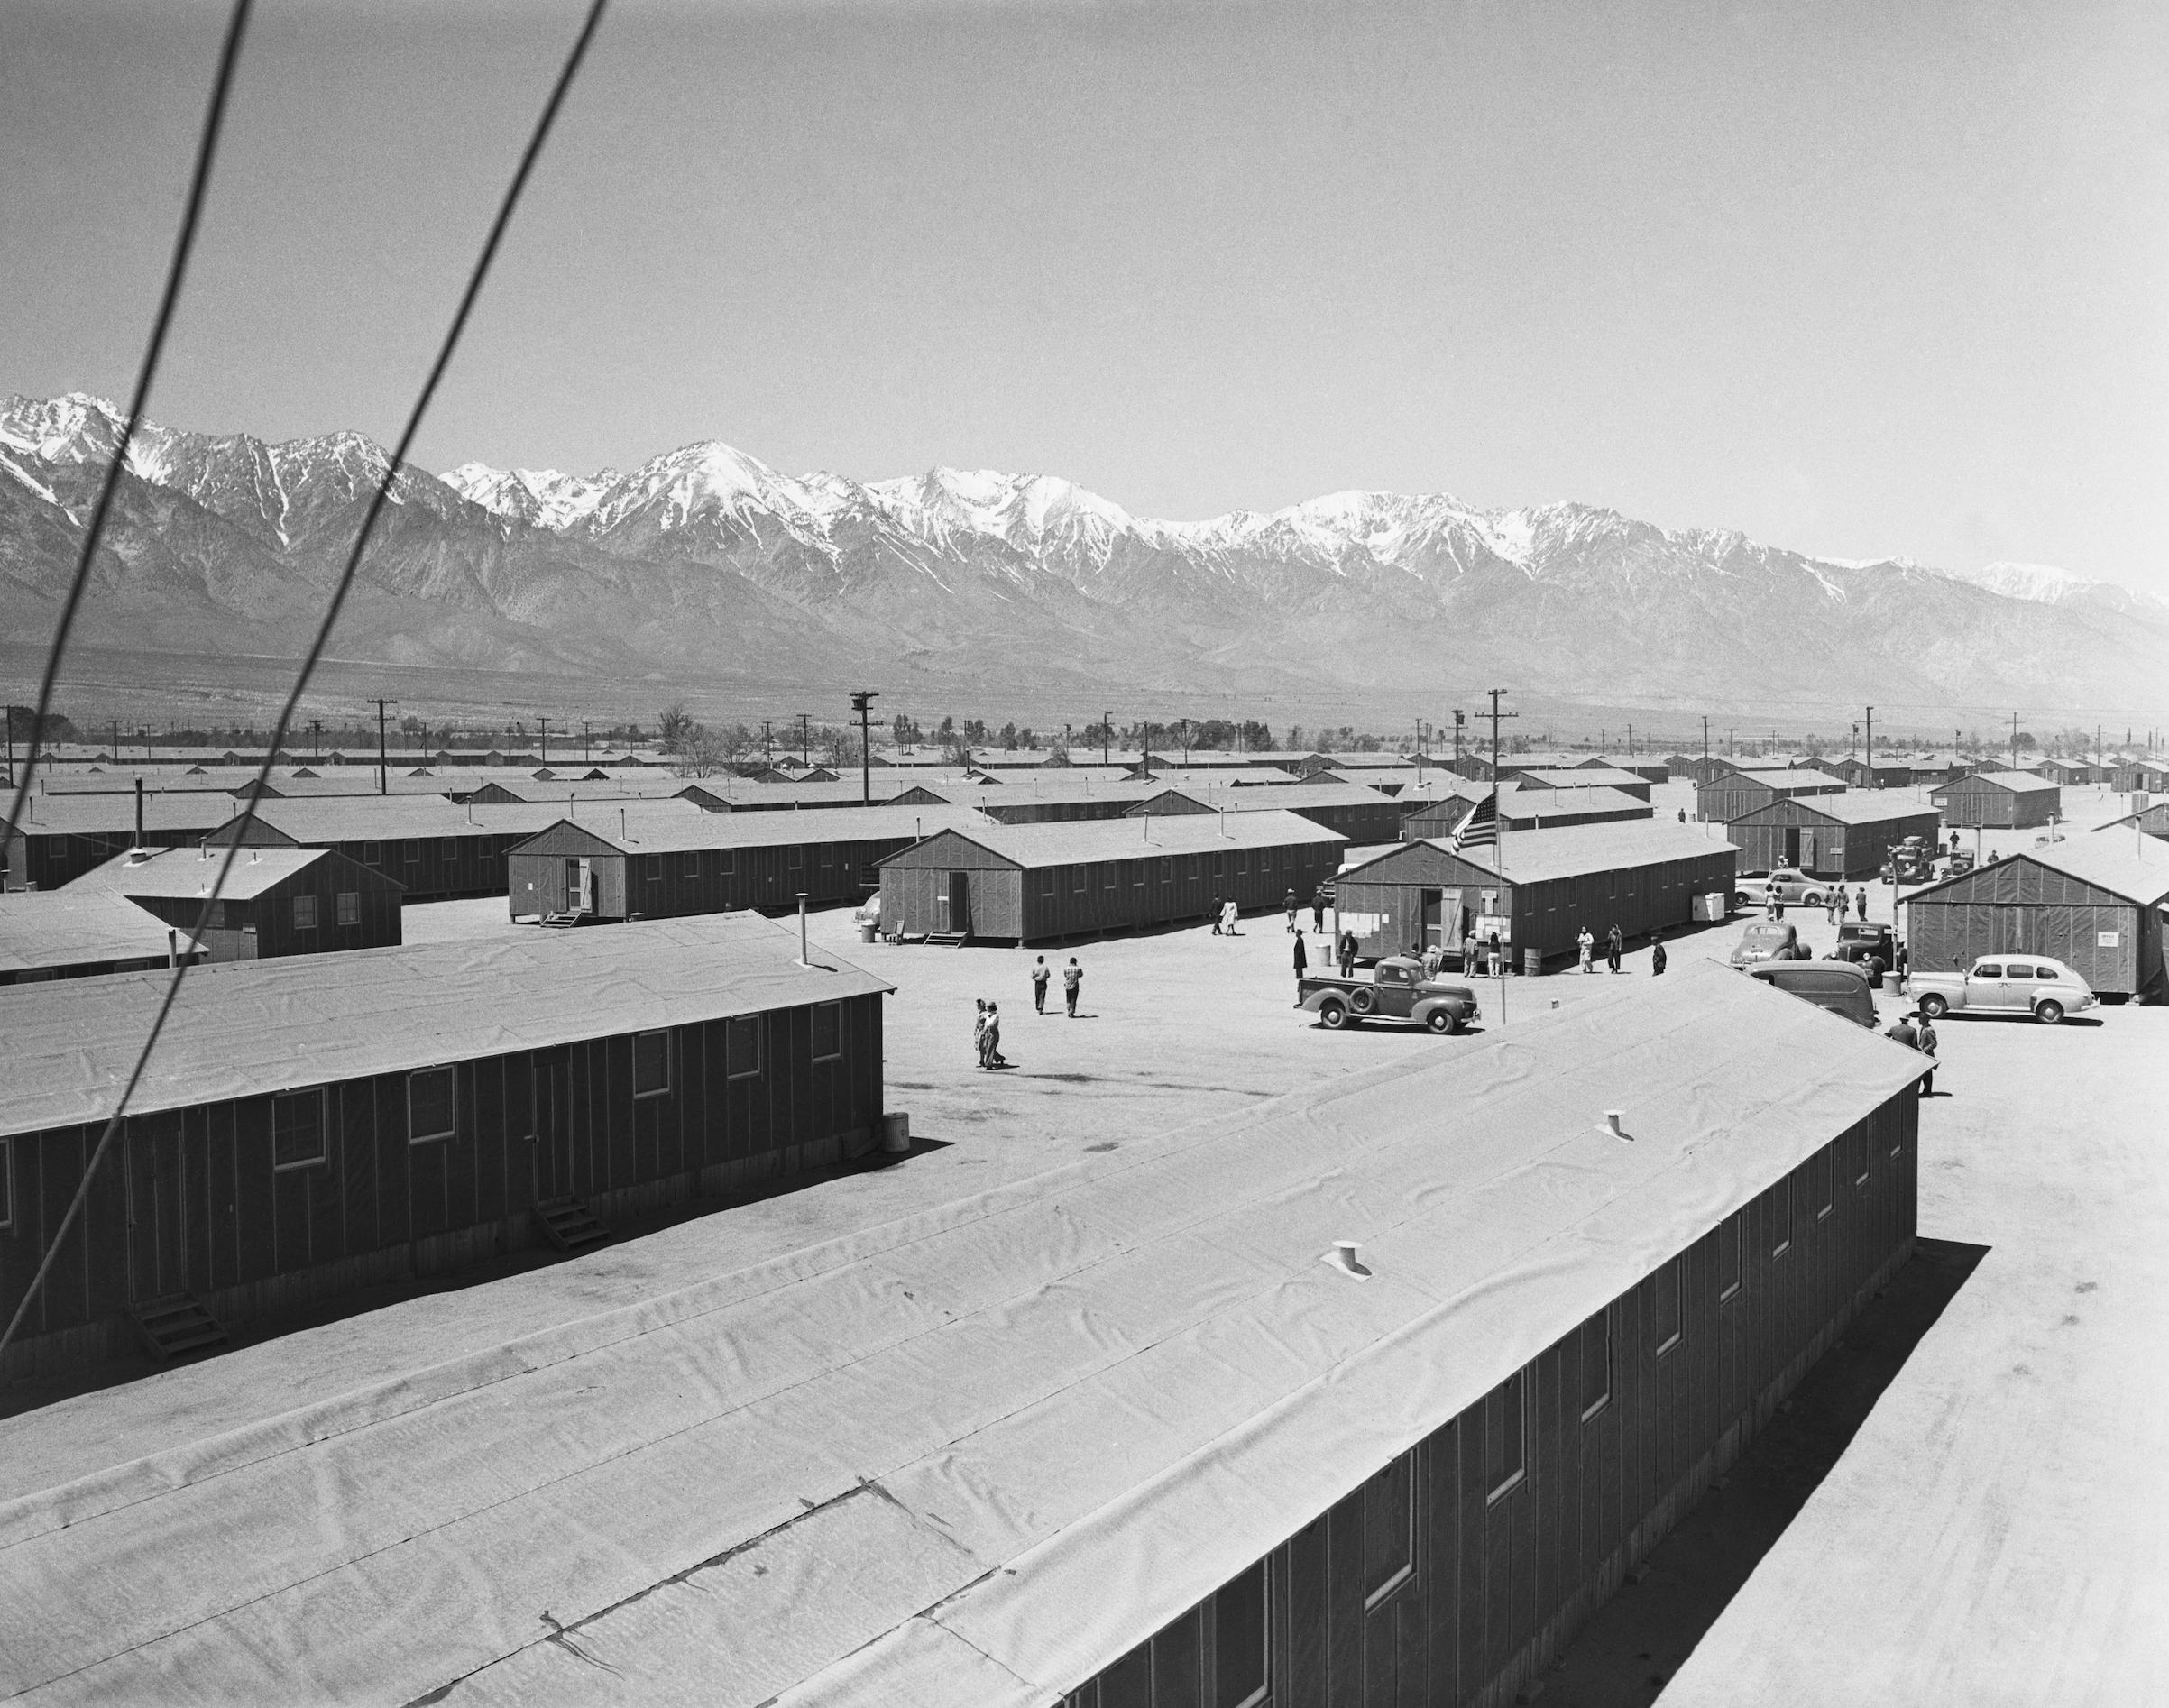 The incarceration camp at Manzanar, Calif., in 1942